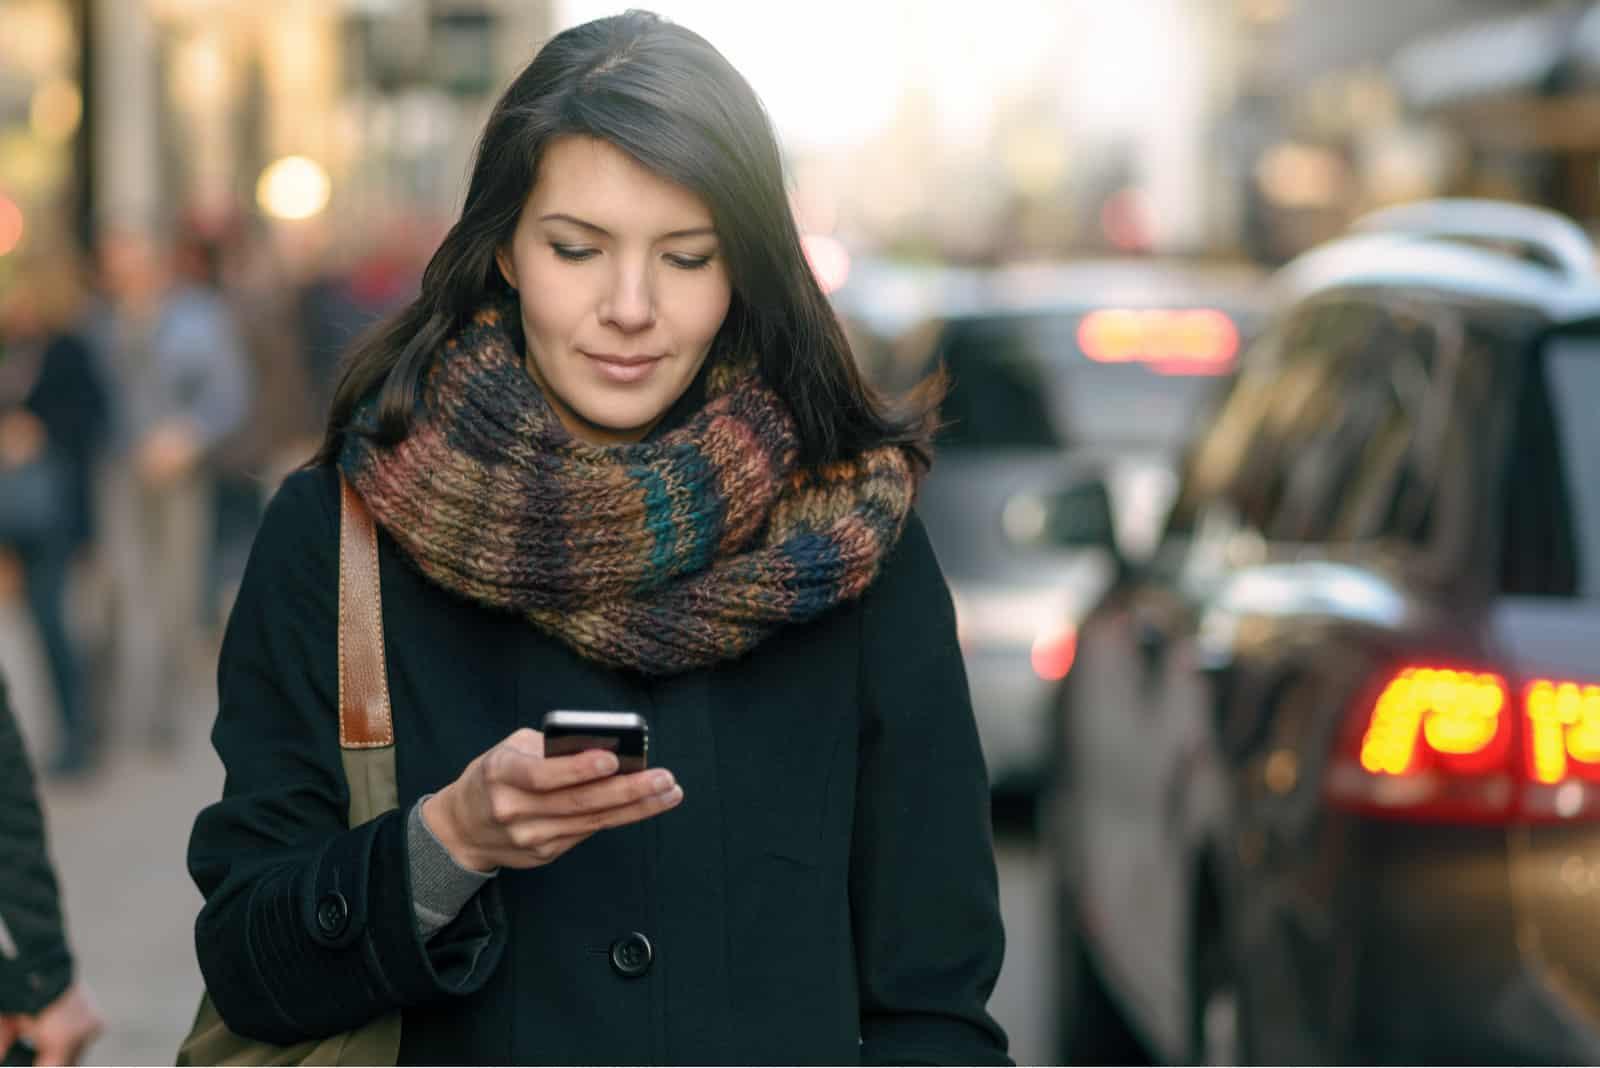 Junge Frau im schwarzen Mantel und im bunten Schal